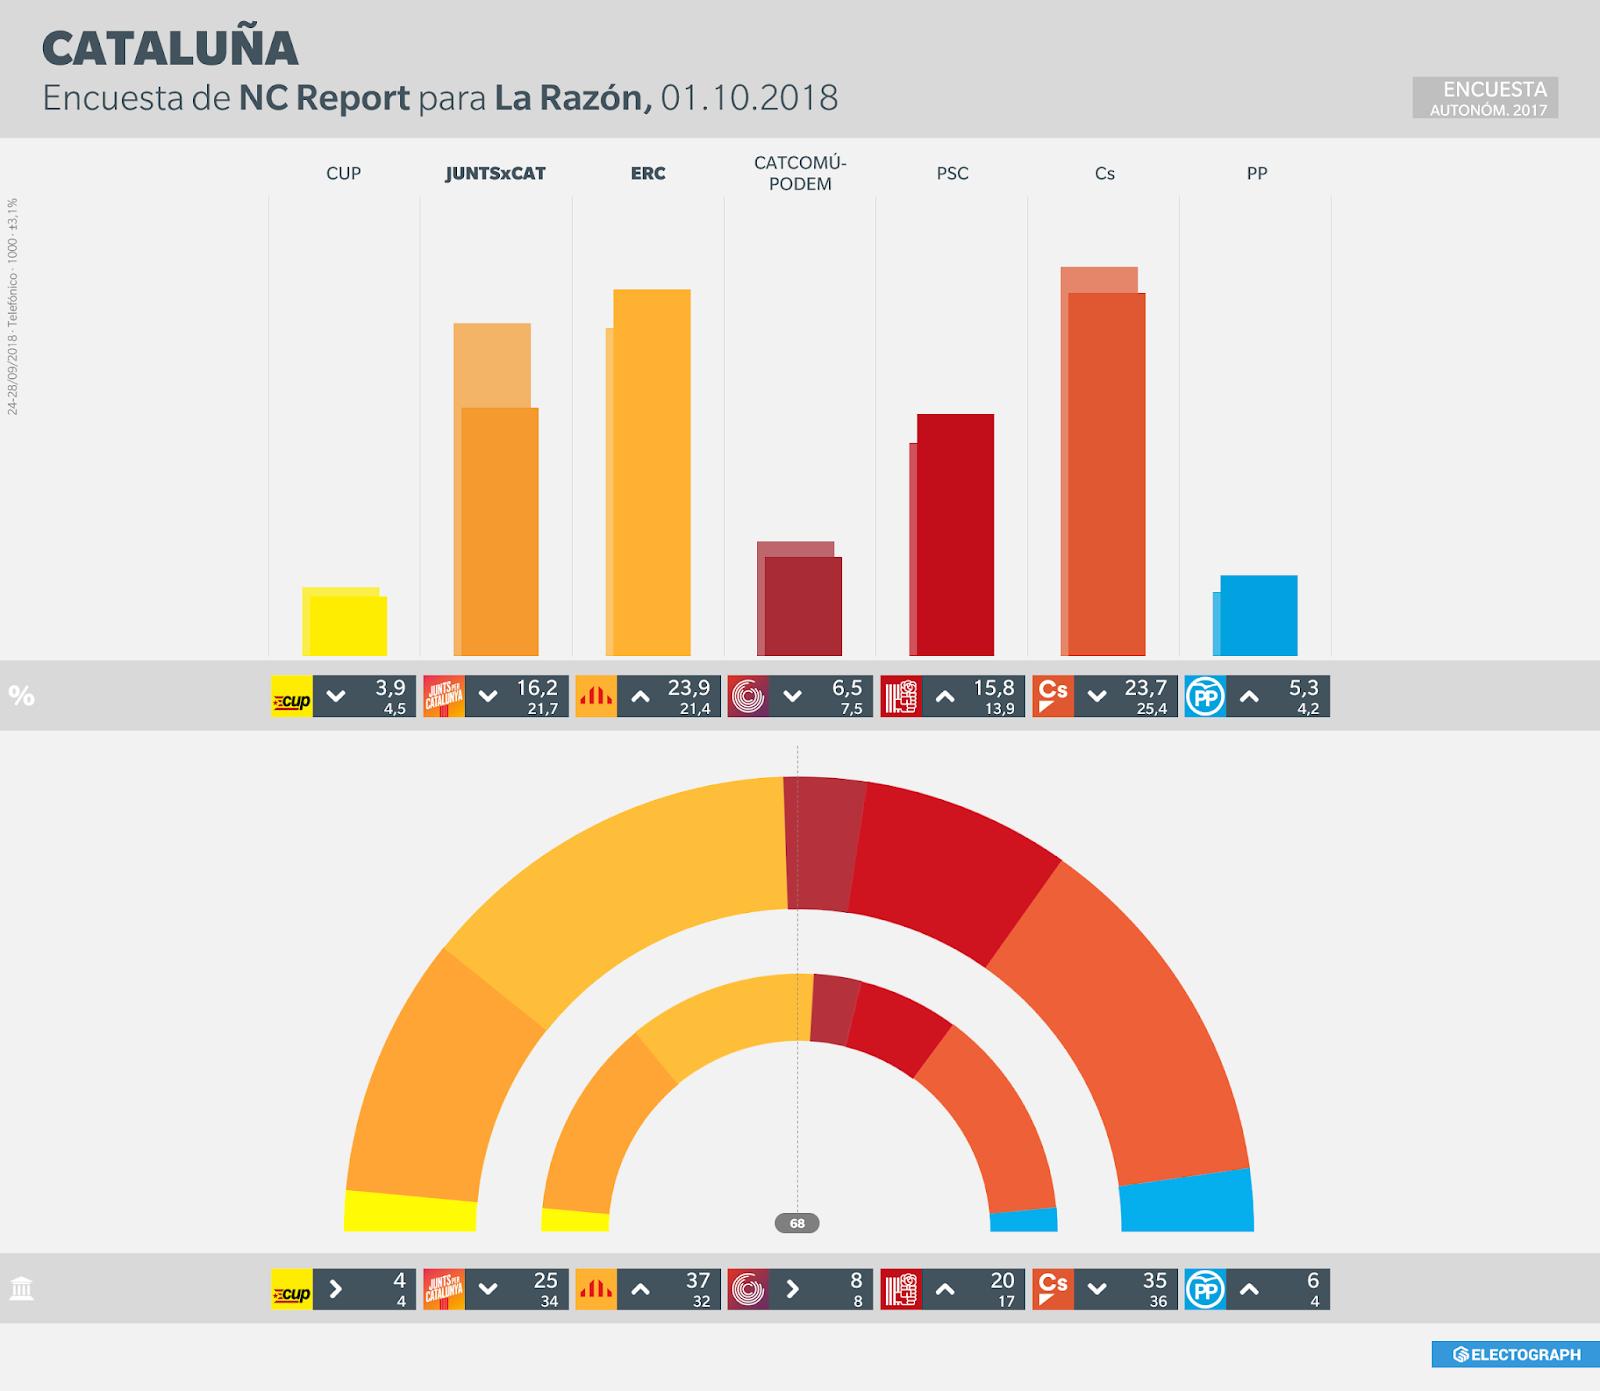 Gráfico de la encuesta para elecciones autonómicas en Cataluña realizada por NC Report para La Razon en septiembre de 2018